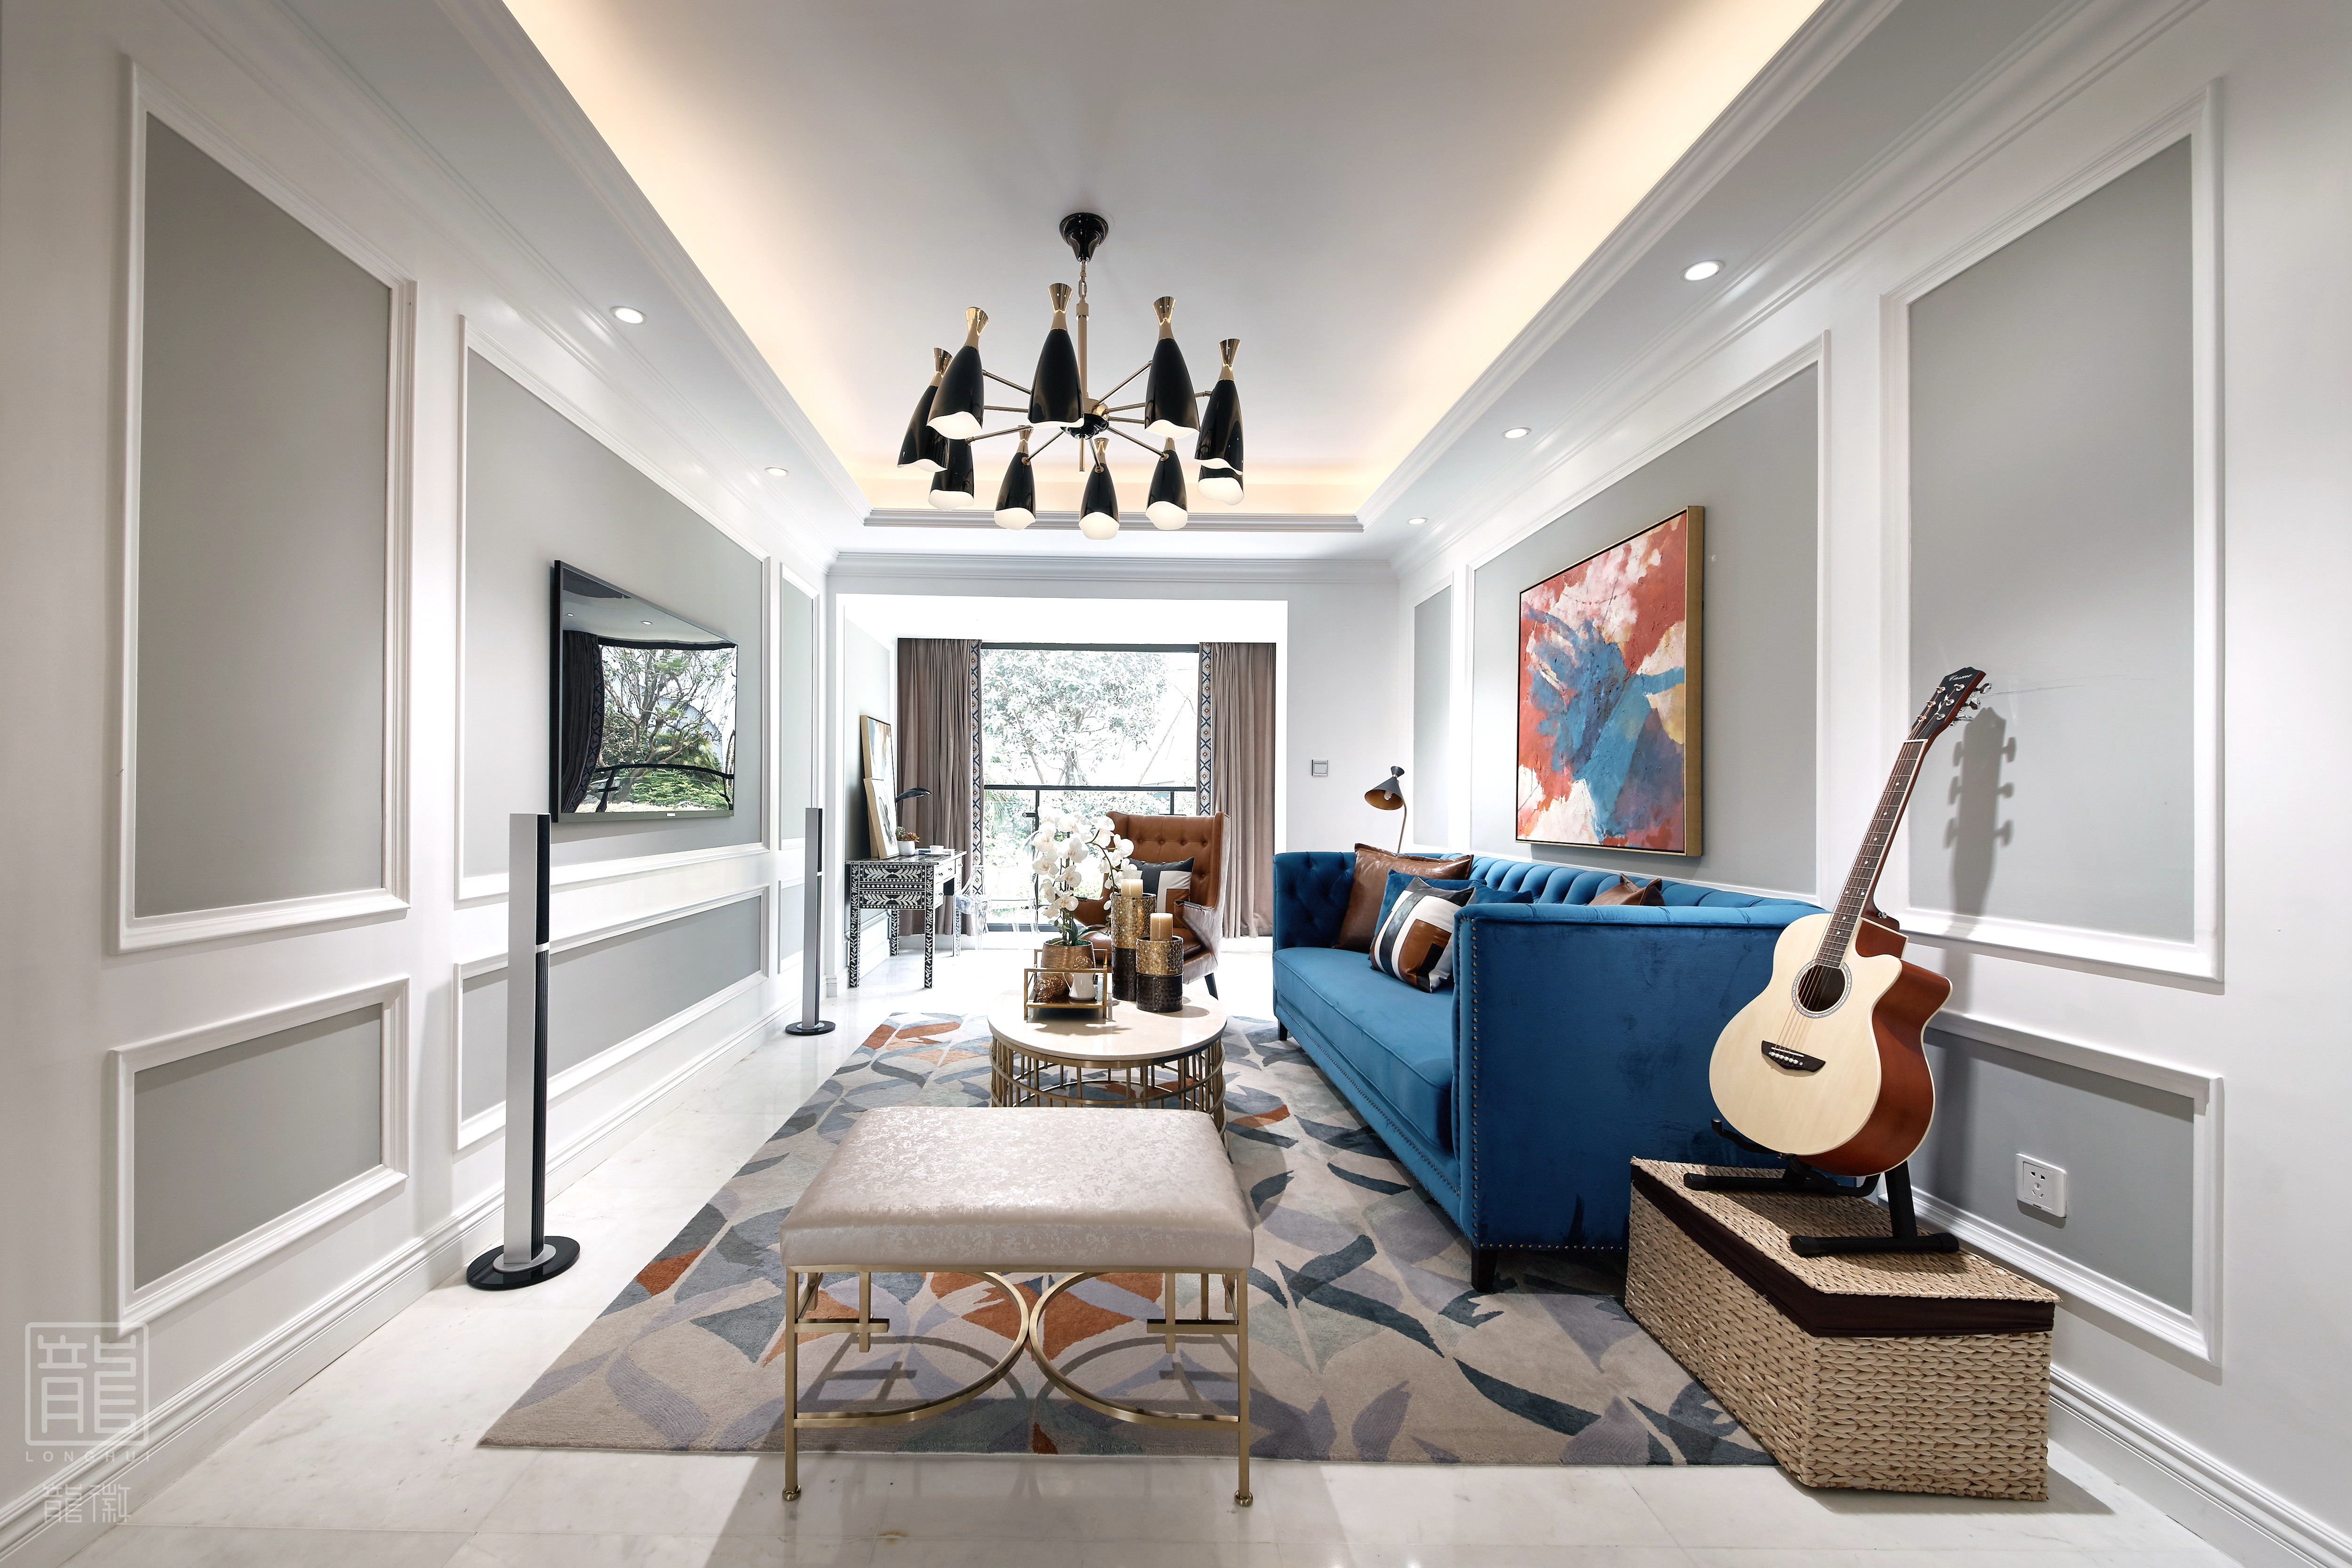 简约 白领 80后 小资 客厅图片来自龙徽设计在未来在这里遇见的分享